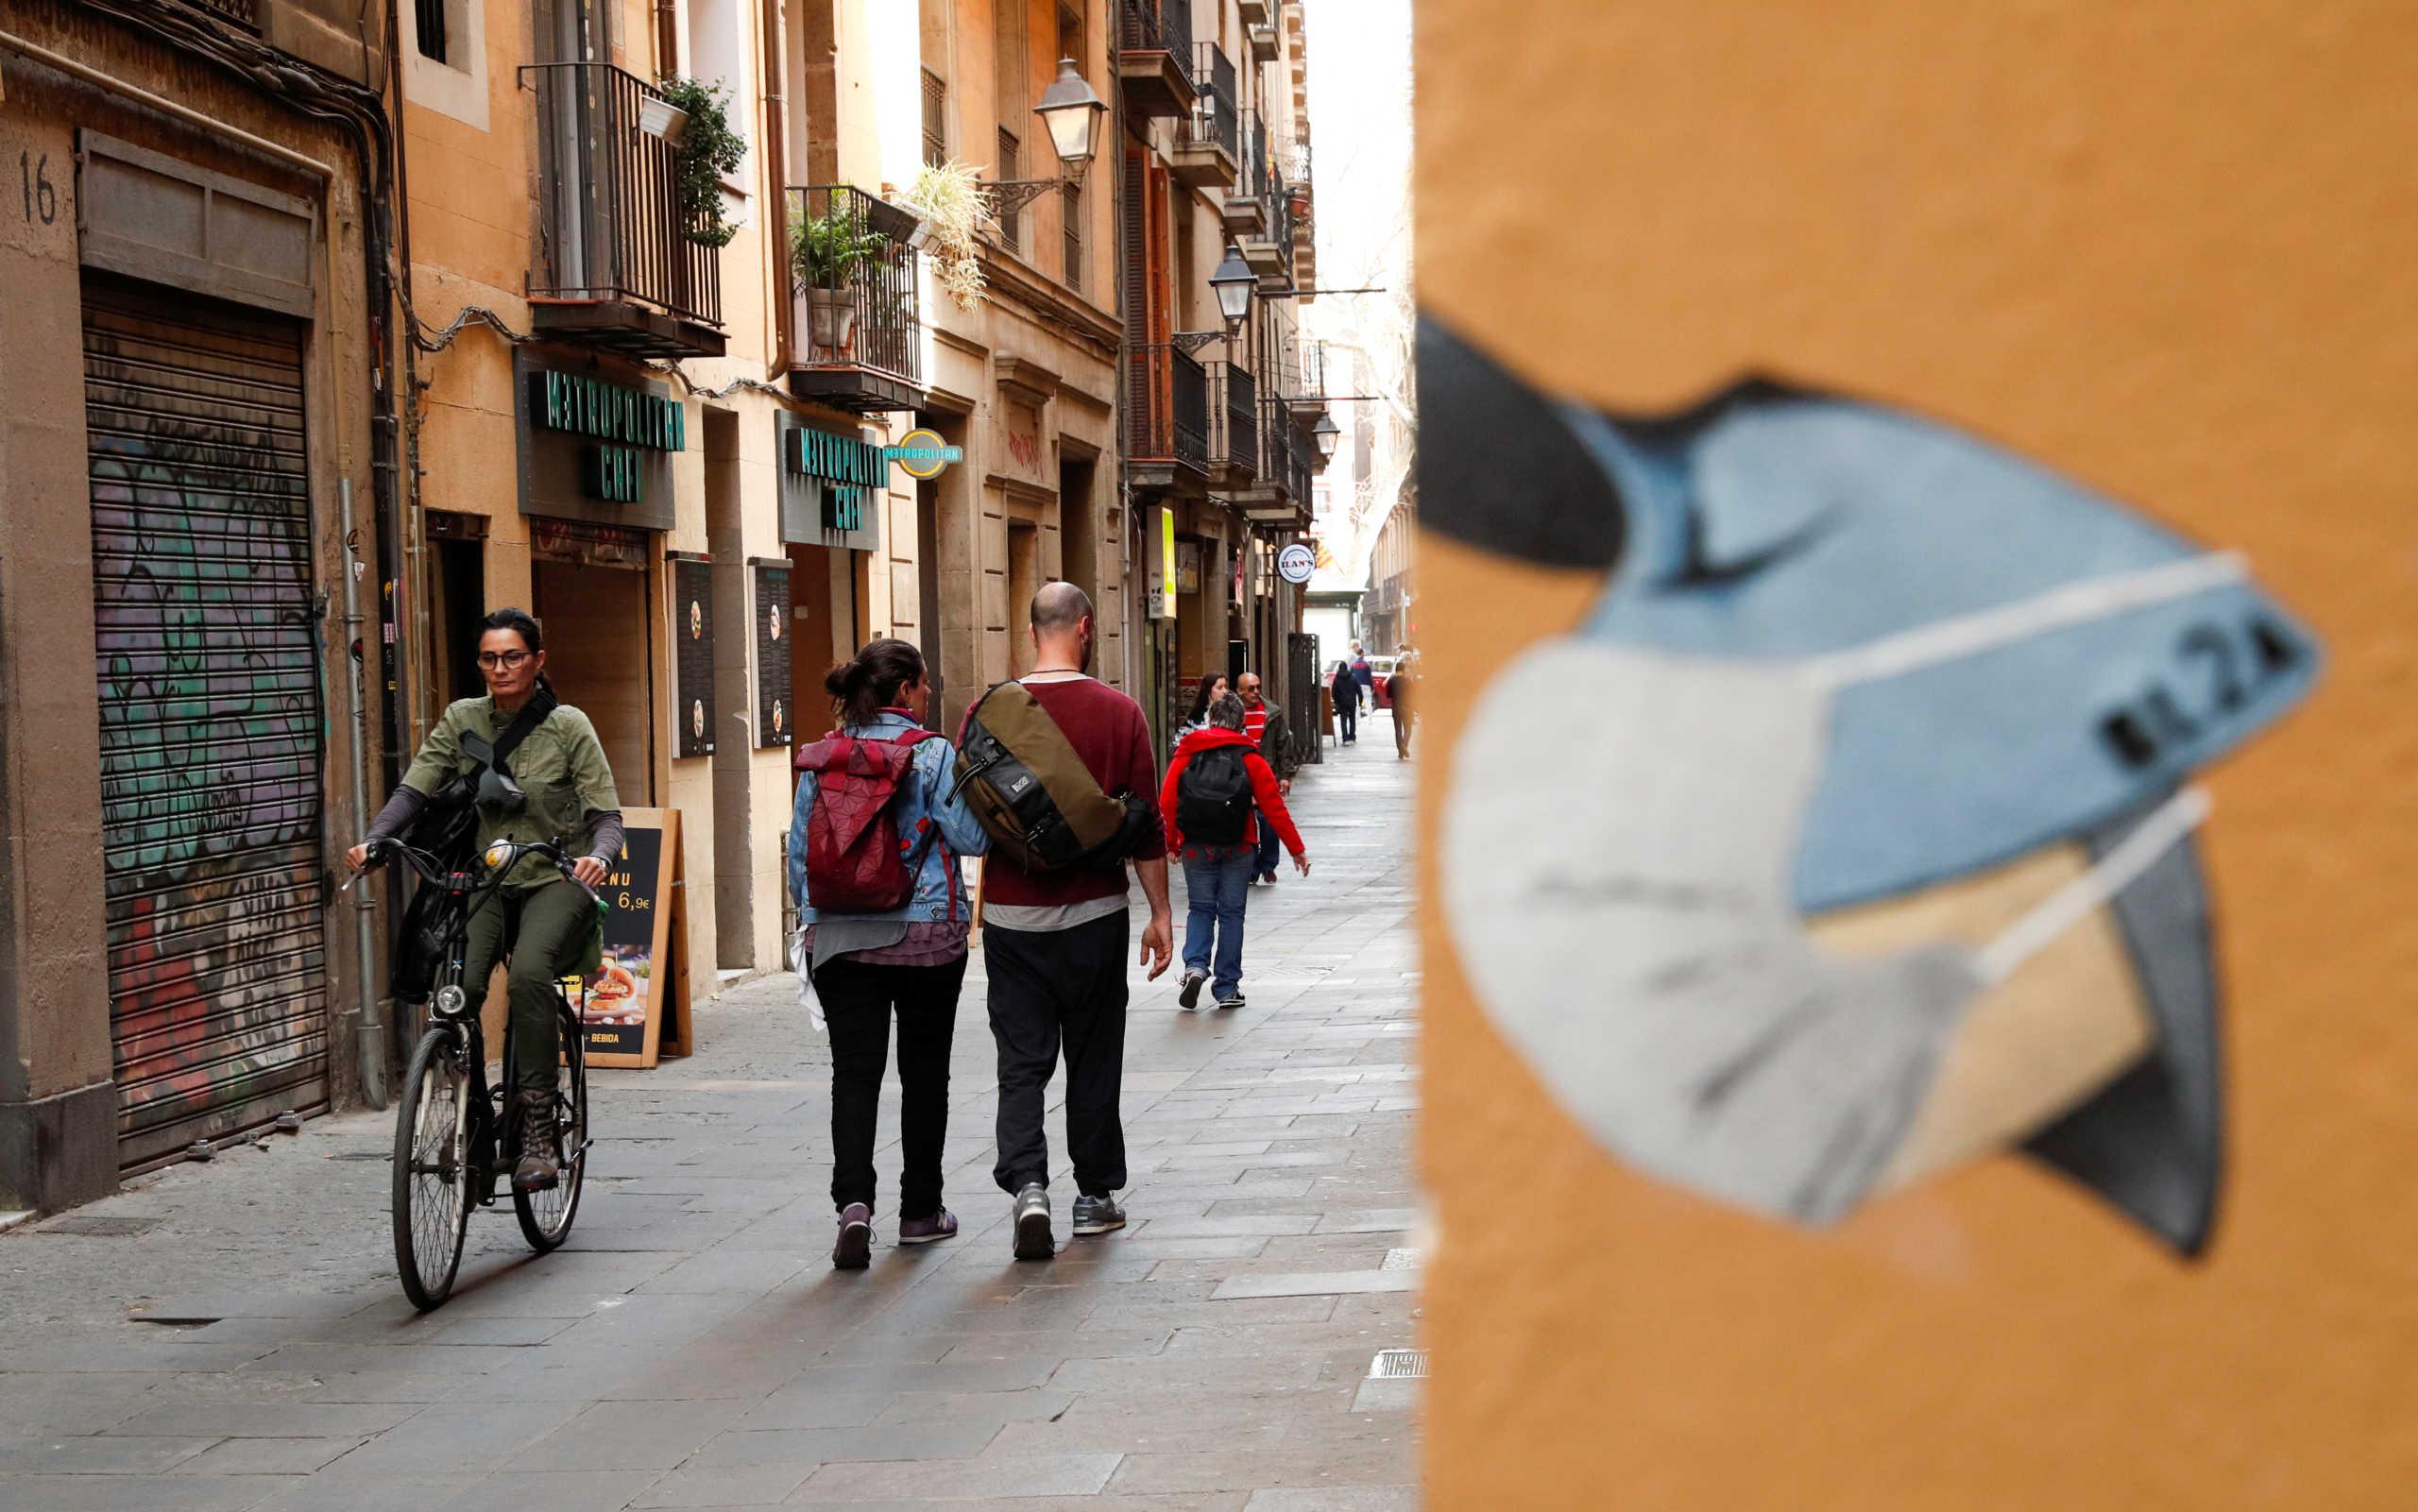 Κορονοϊός: Μέτρα για την ενίσχυση της ρευστότητας στις ισπανικές επιχειρήσεις